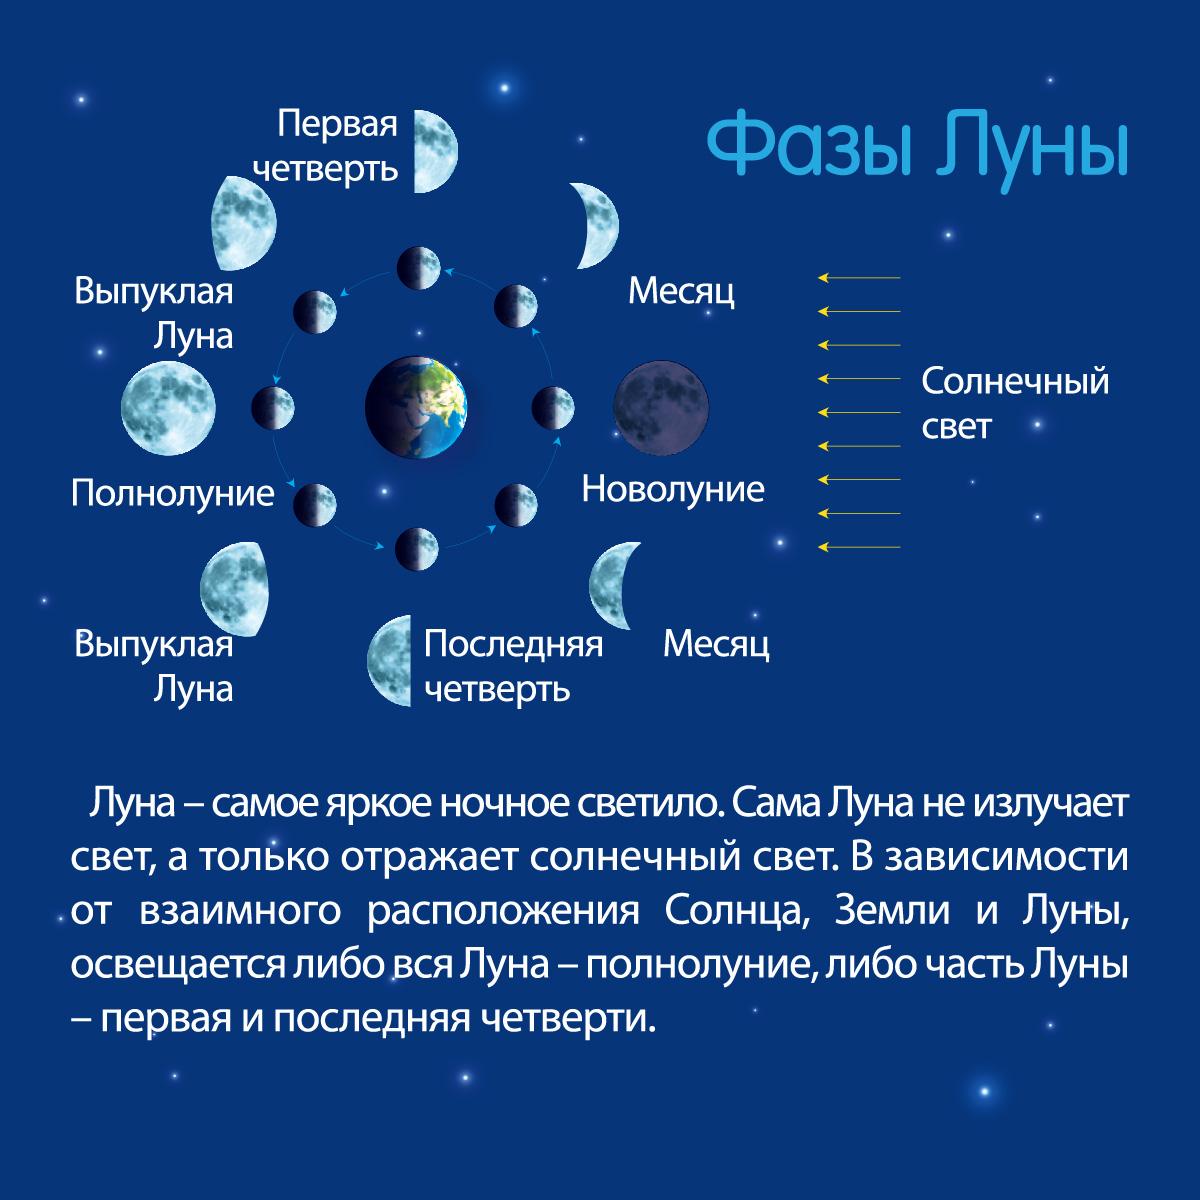 фазы Луны в феврале 2021 года фото